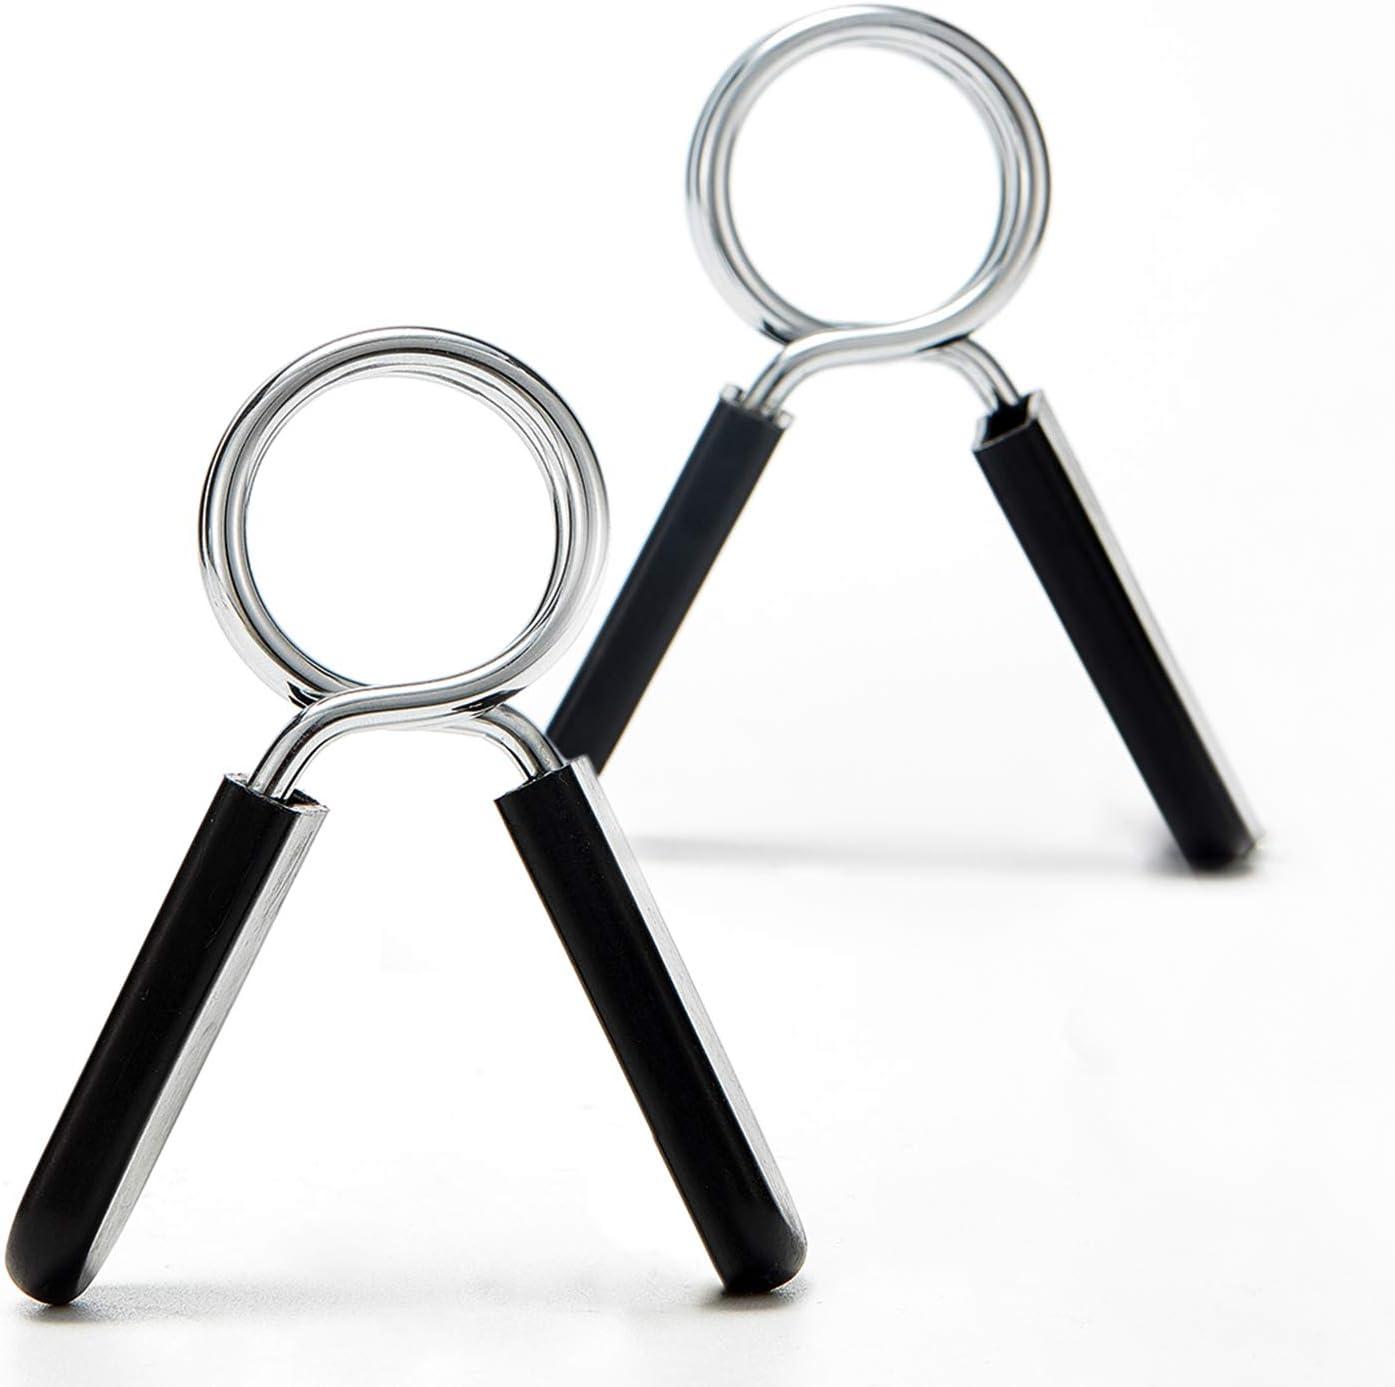 HOTOP 8 Piezas de 1 Pulgadas de Collares de Resorte de Mancuernas Abrazaderas con Barras Collares de Resorte Deportivos Clips de Abrazaderas de Macuernas